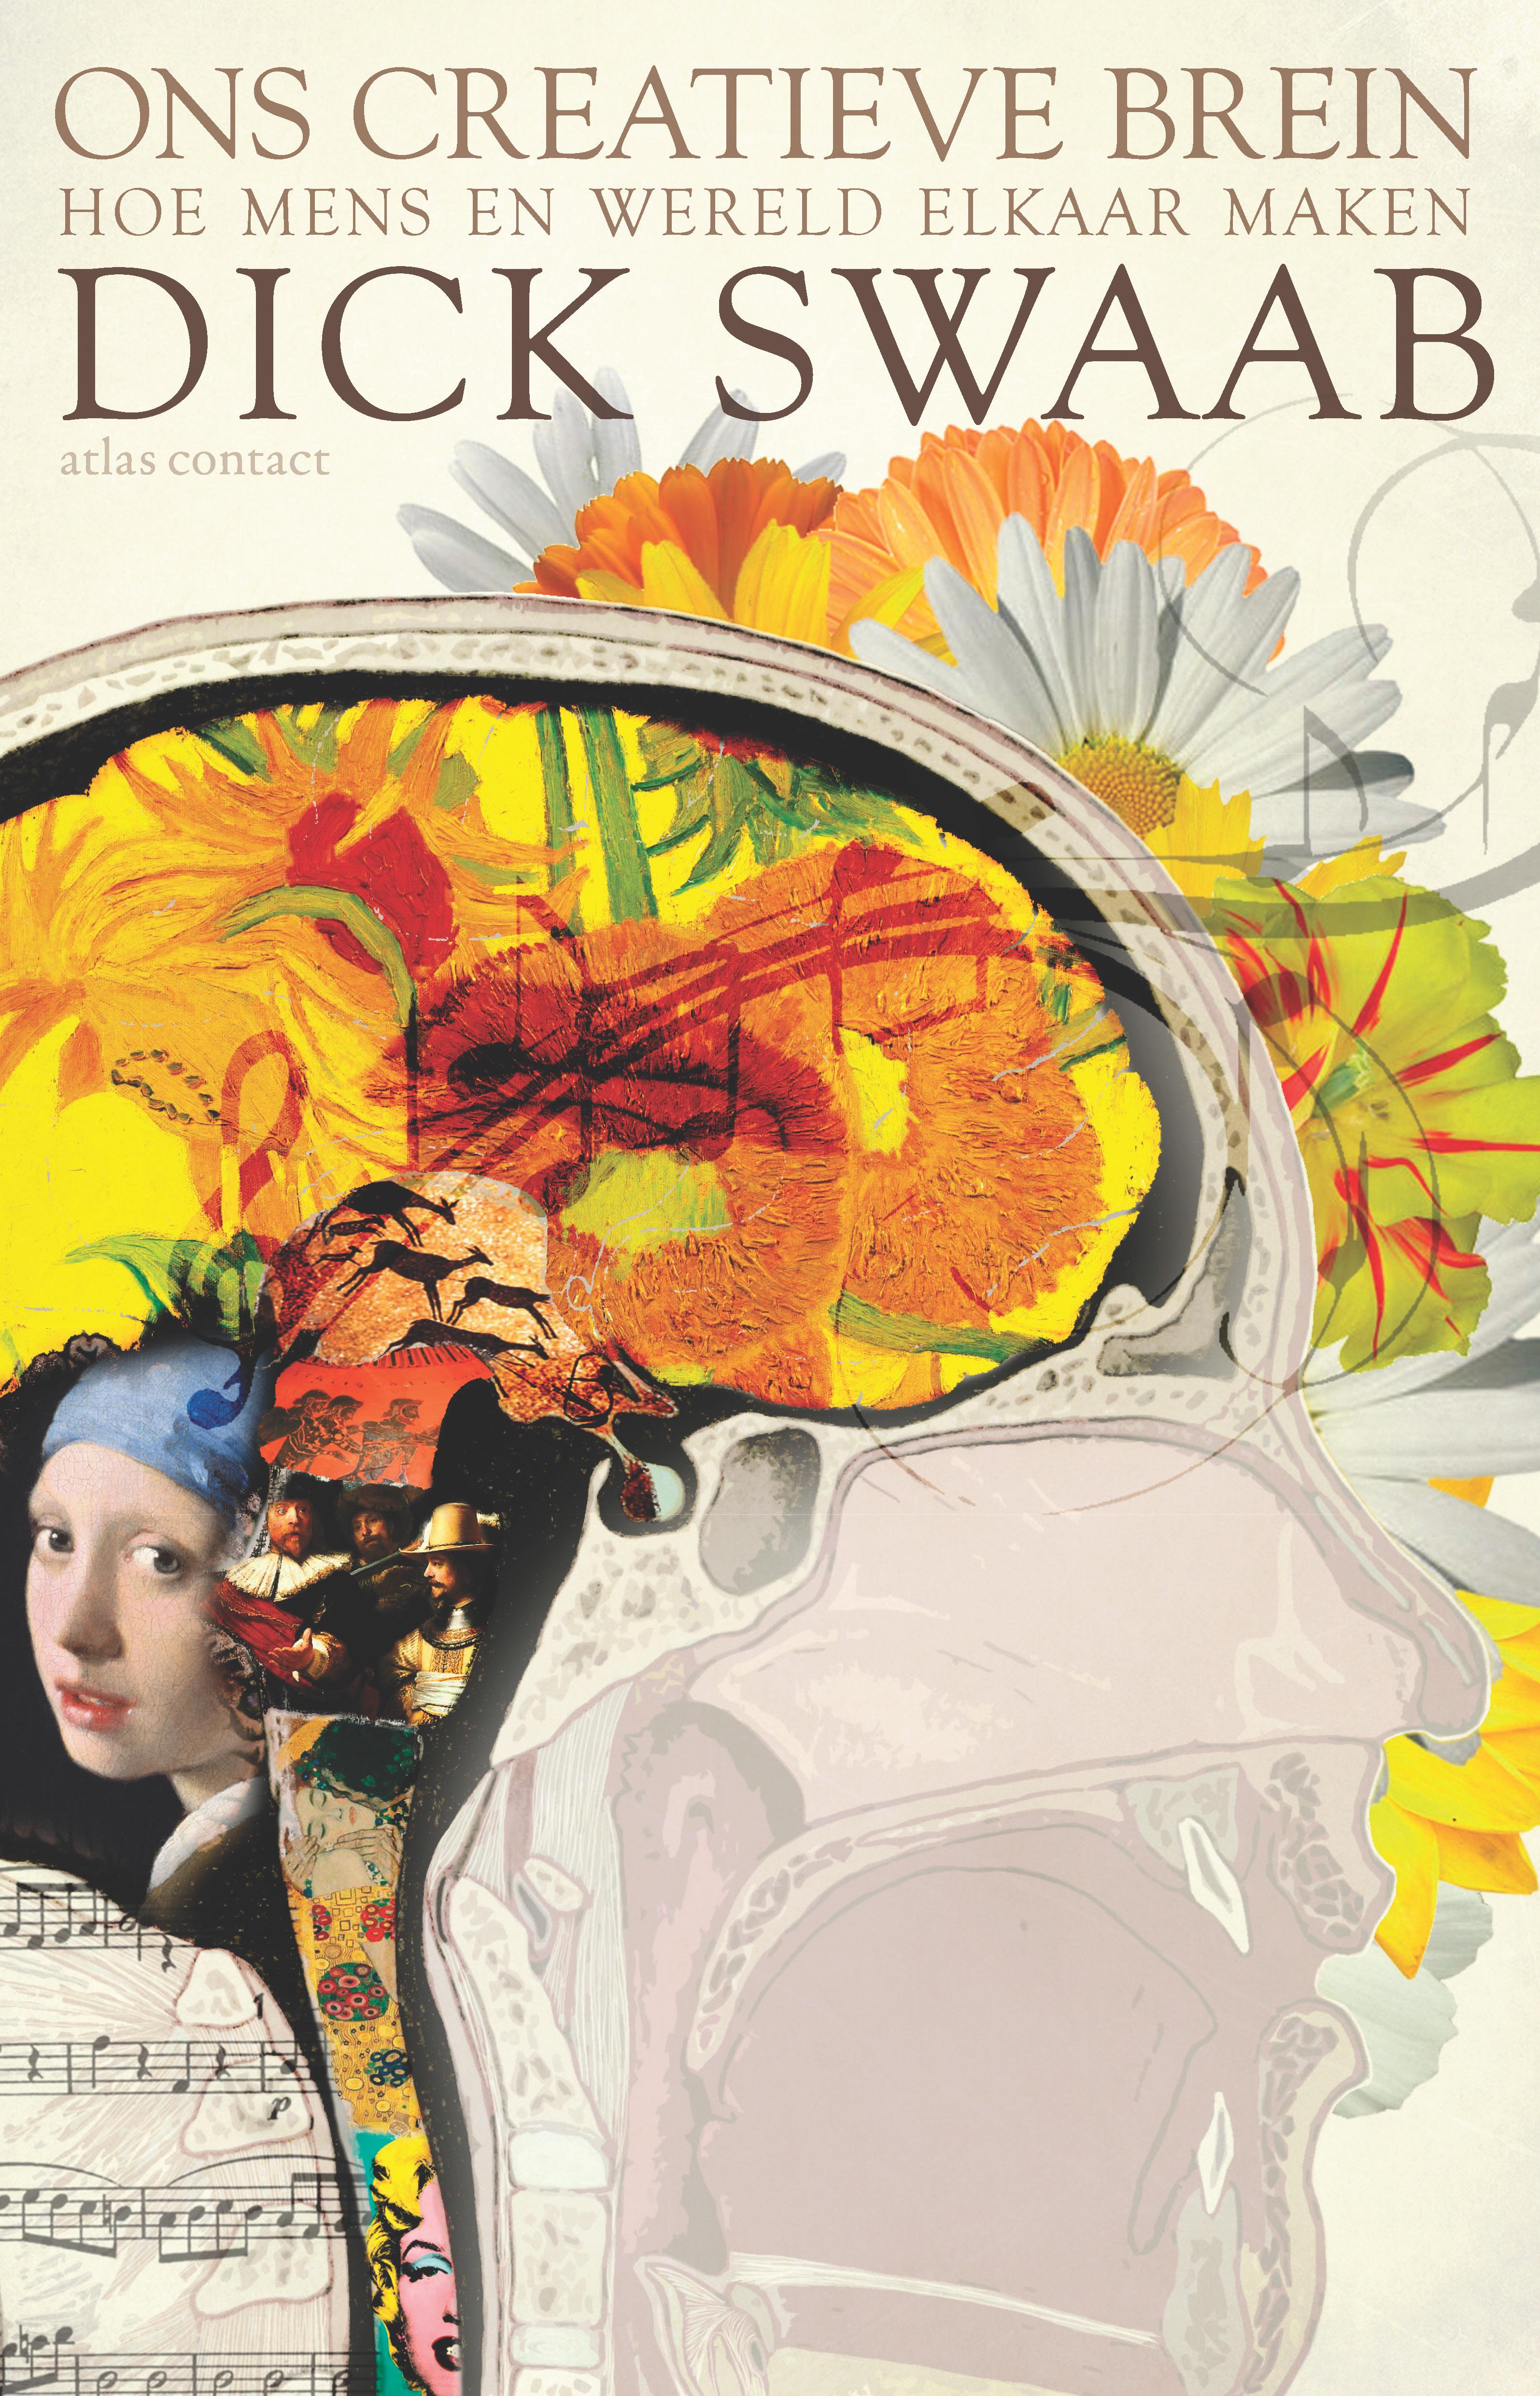 Recensie 'Ons creatieve brein'